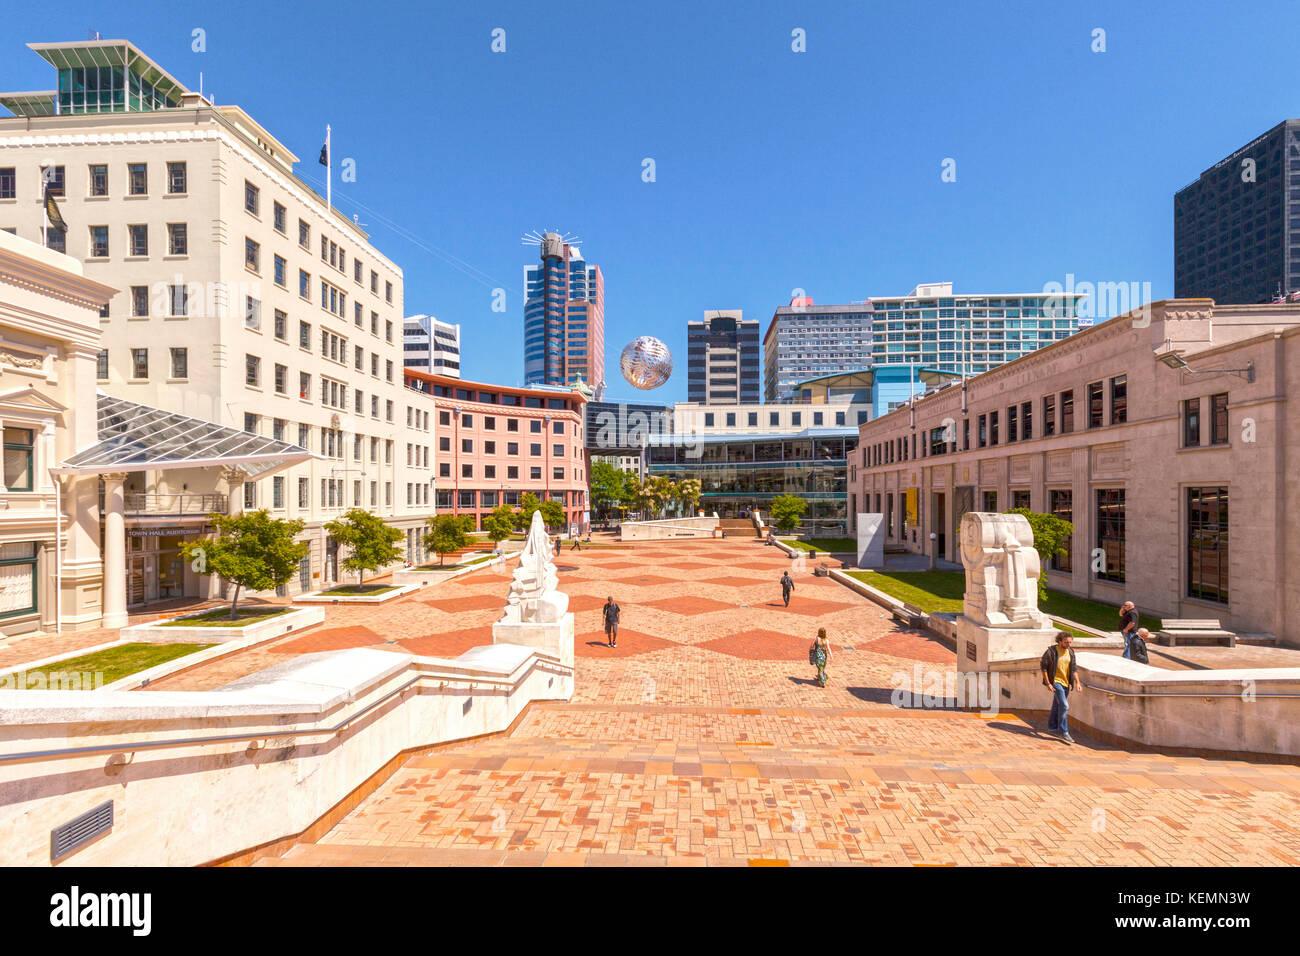 Vista de la plaza cívica, Wellington, Nueva Zelanda. Imagen De Stock